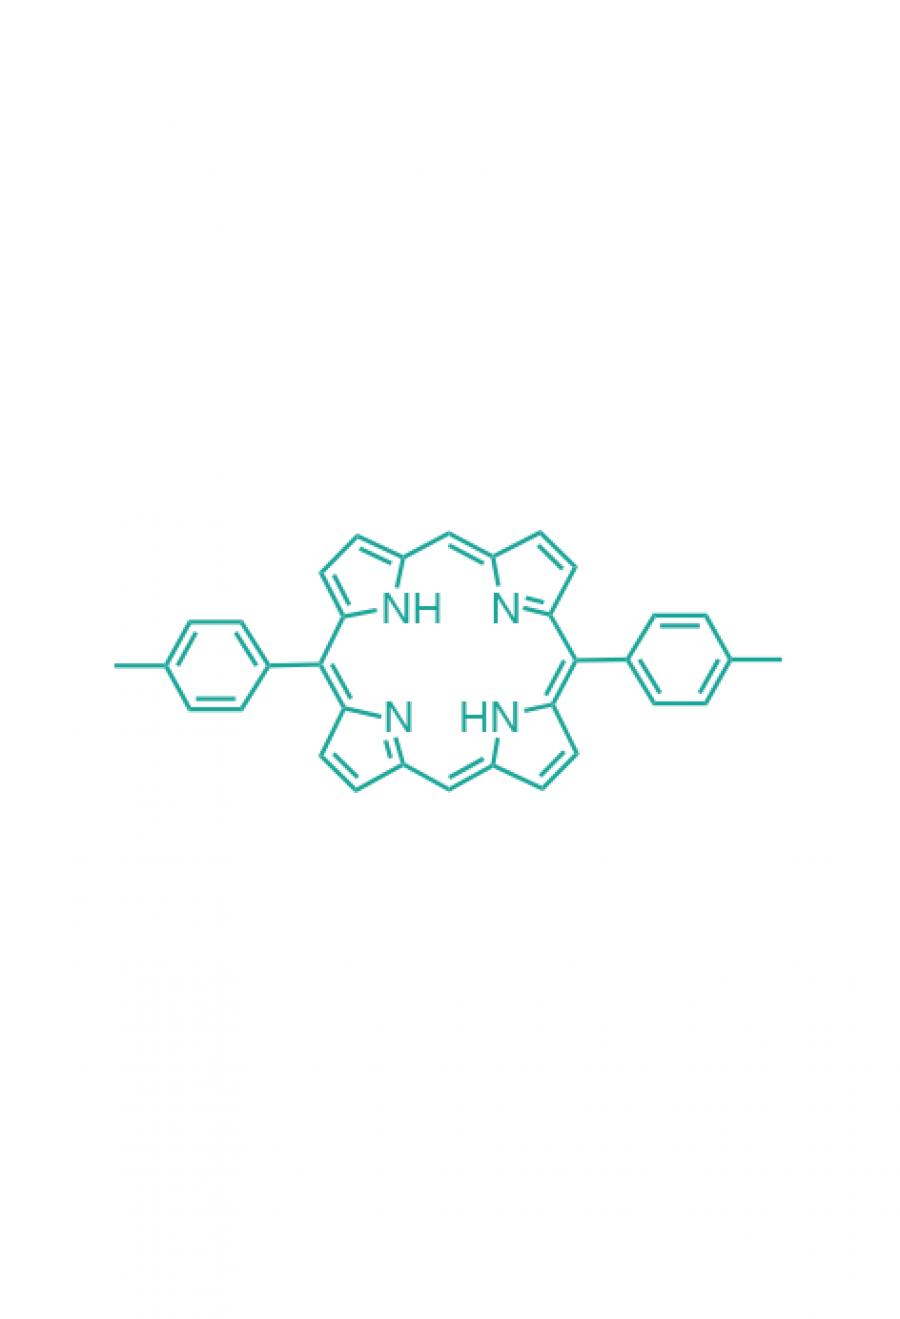 5,15-(di-p-tolyl)porphyrin